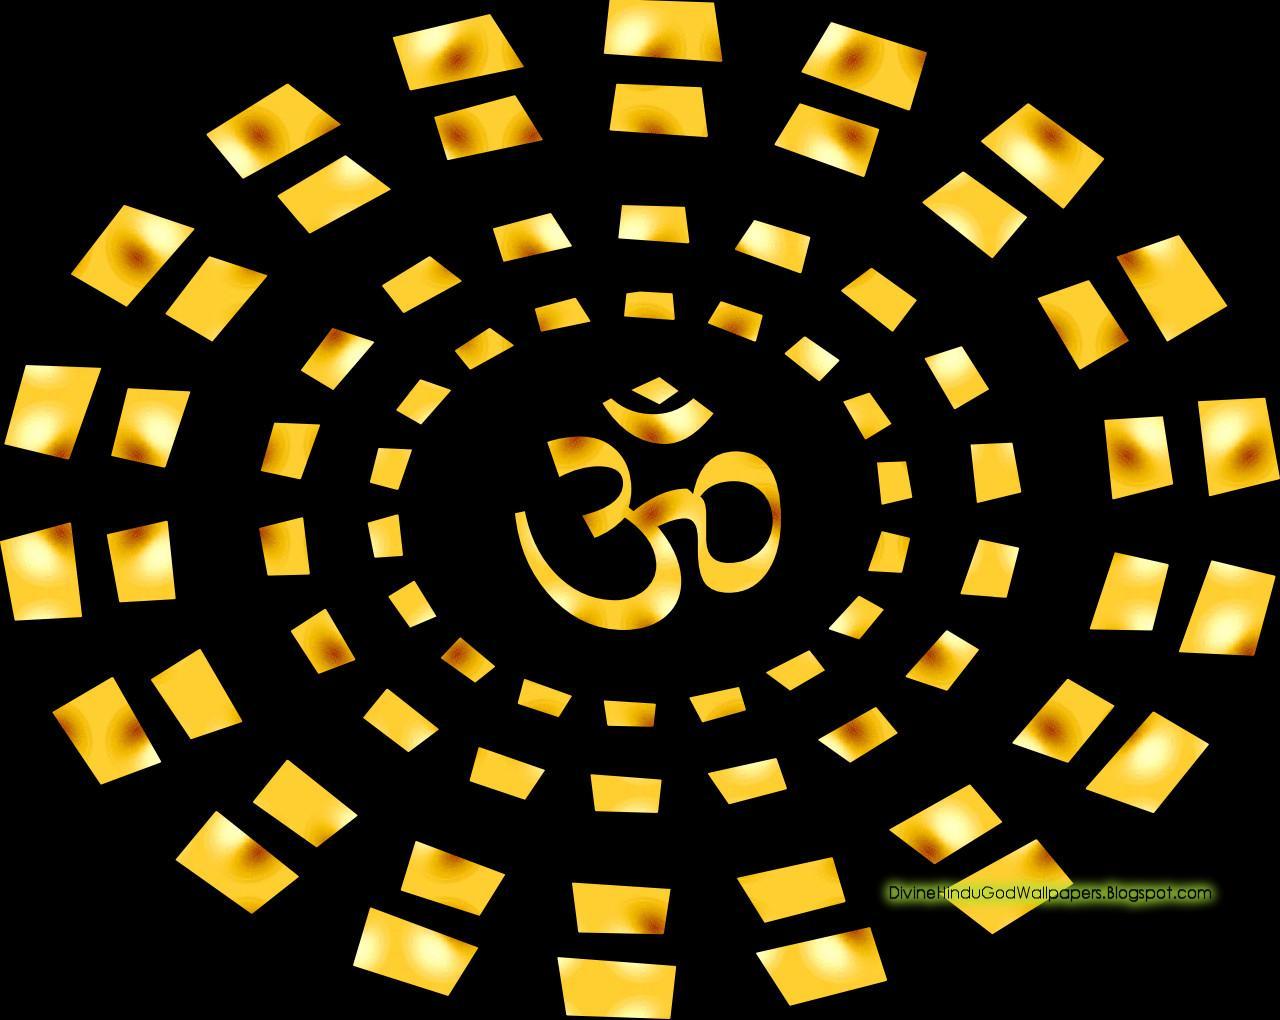 Hindu God Wallpapers Om Wallpaper